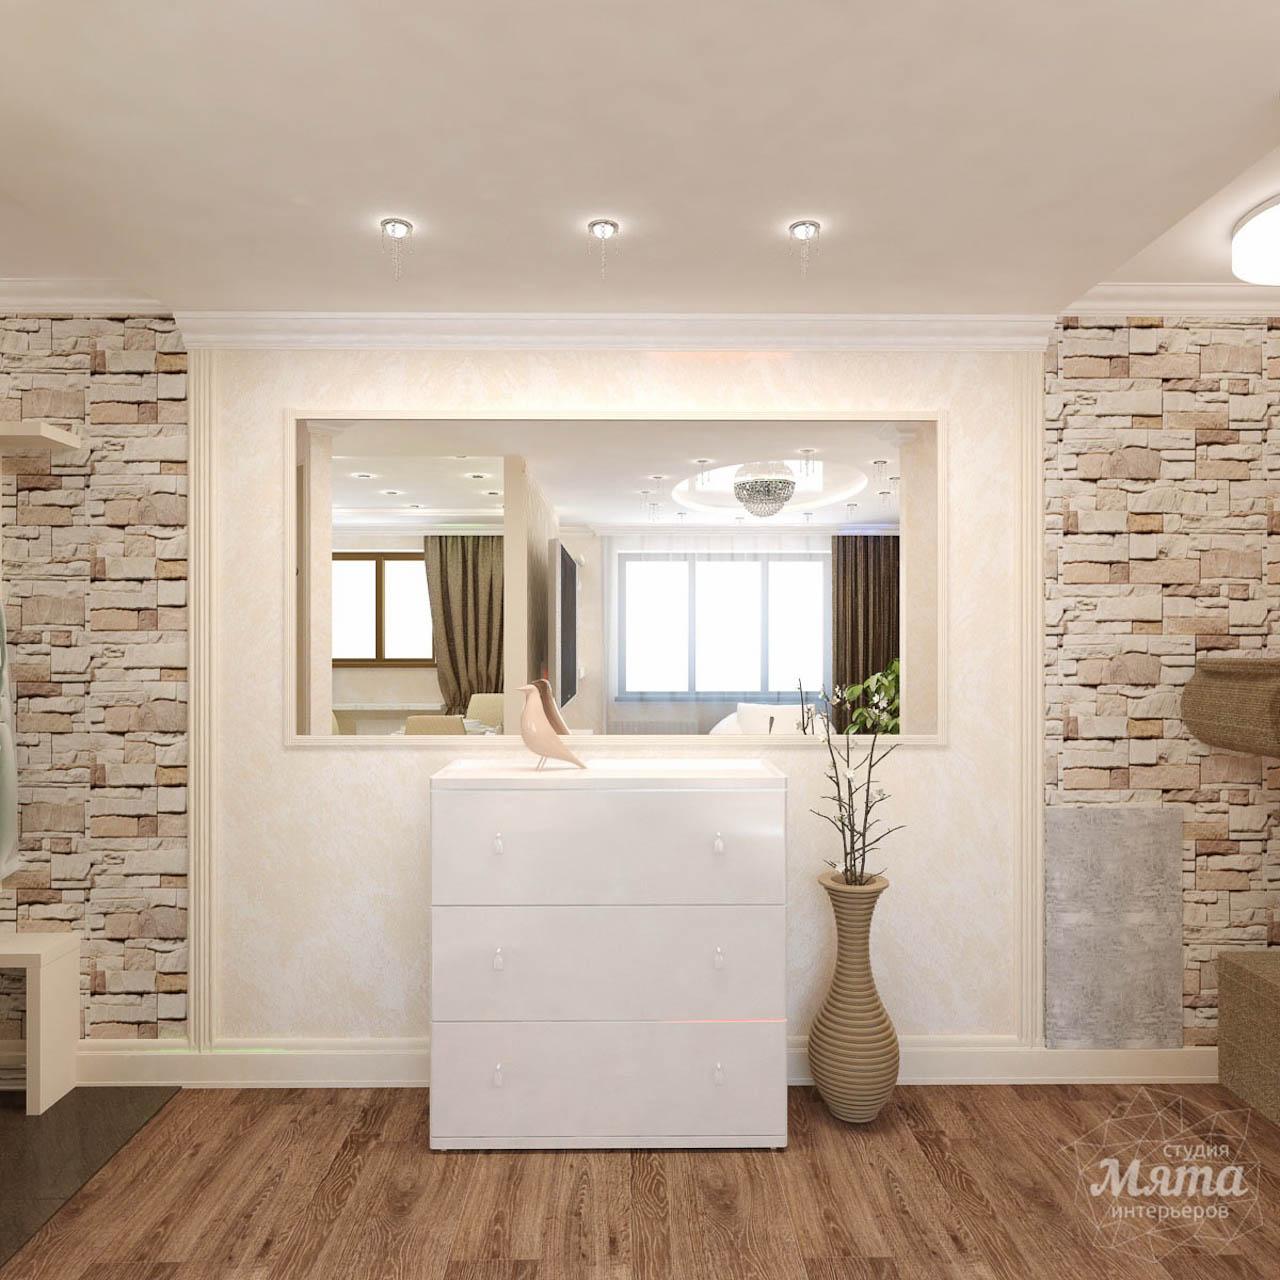 Дизайн интерьера двухкомнатной квартиры по ул. Бебеля 156 img688732900